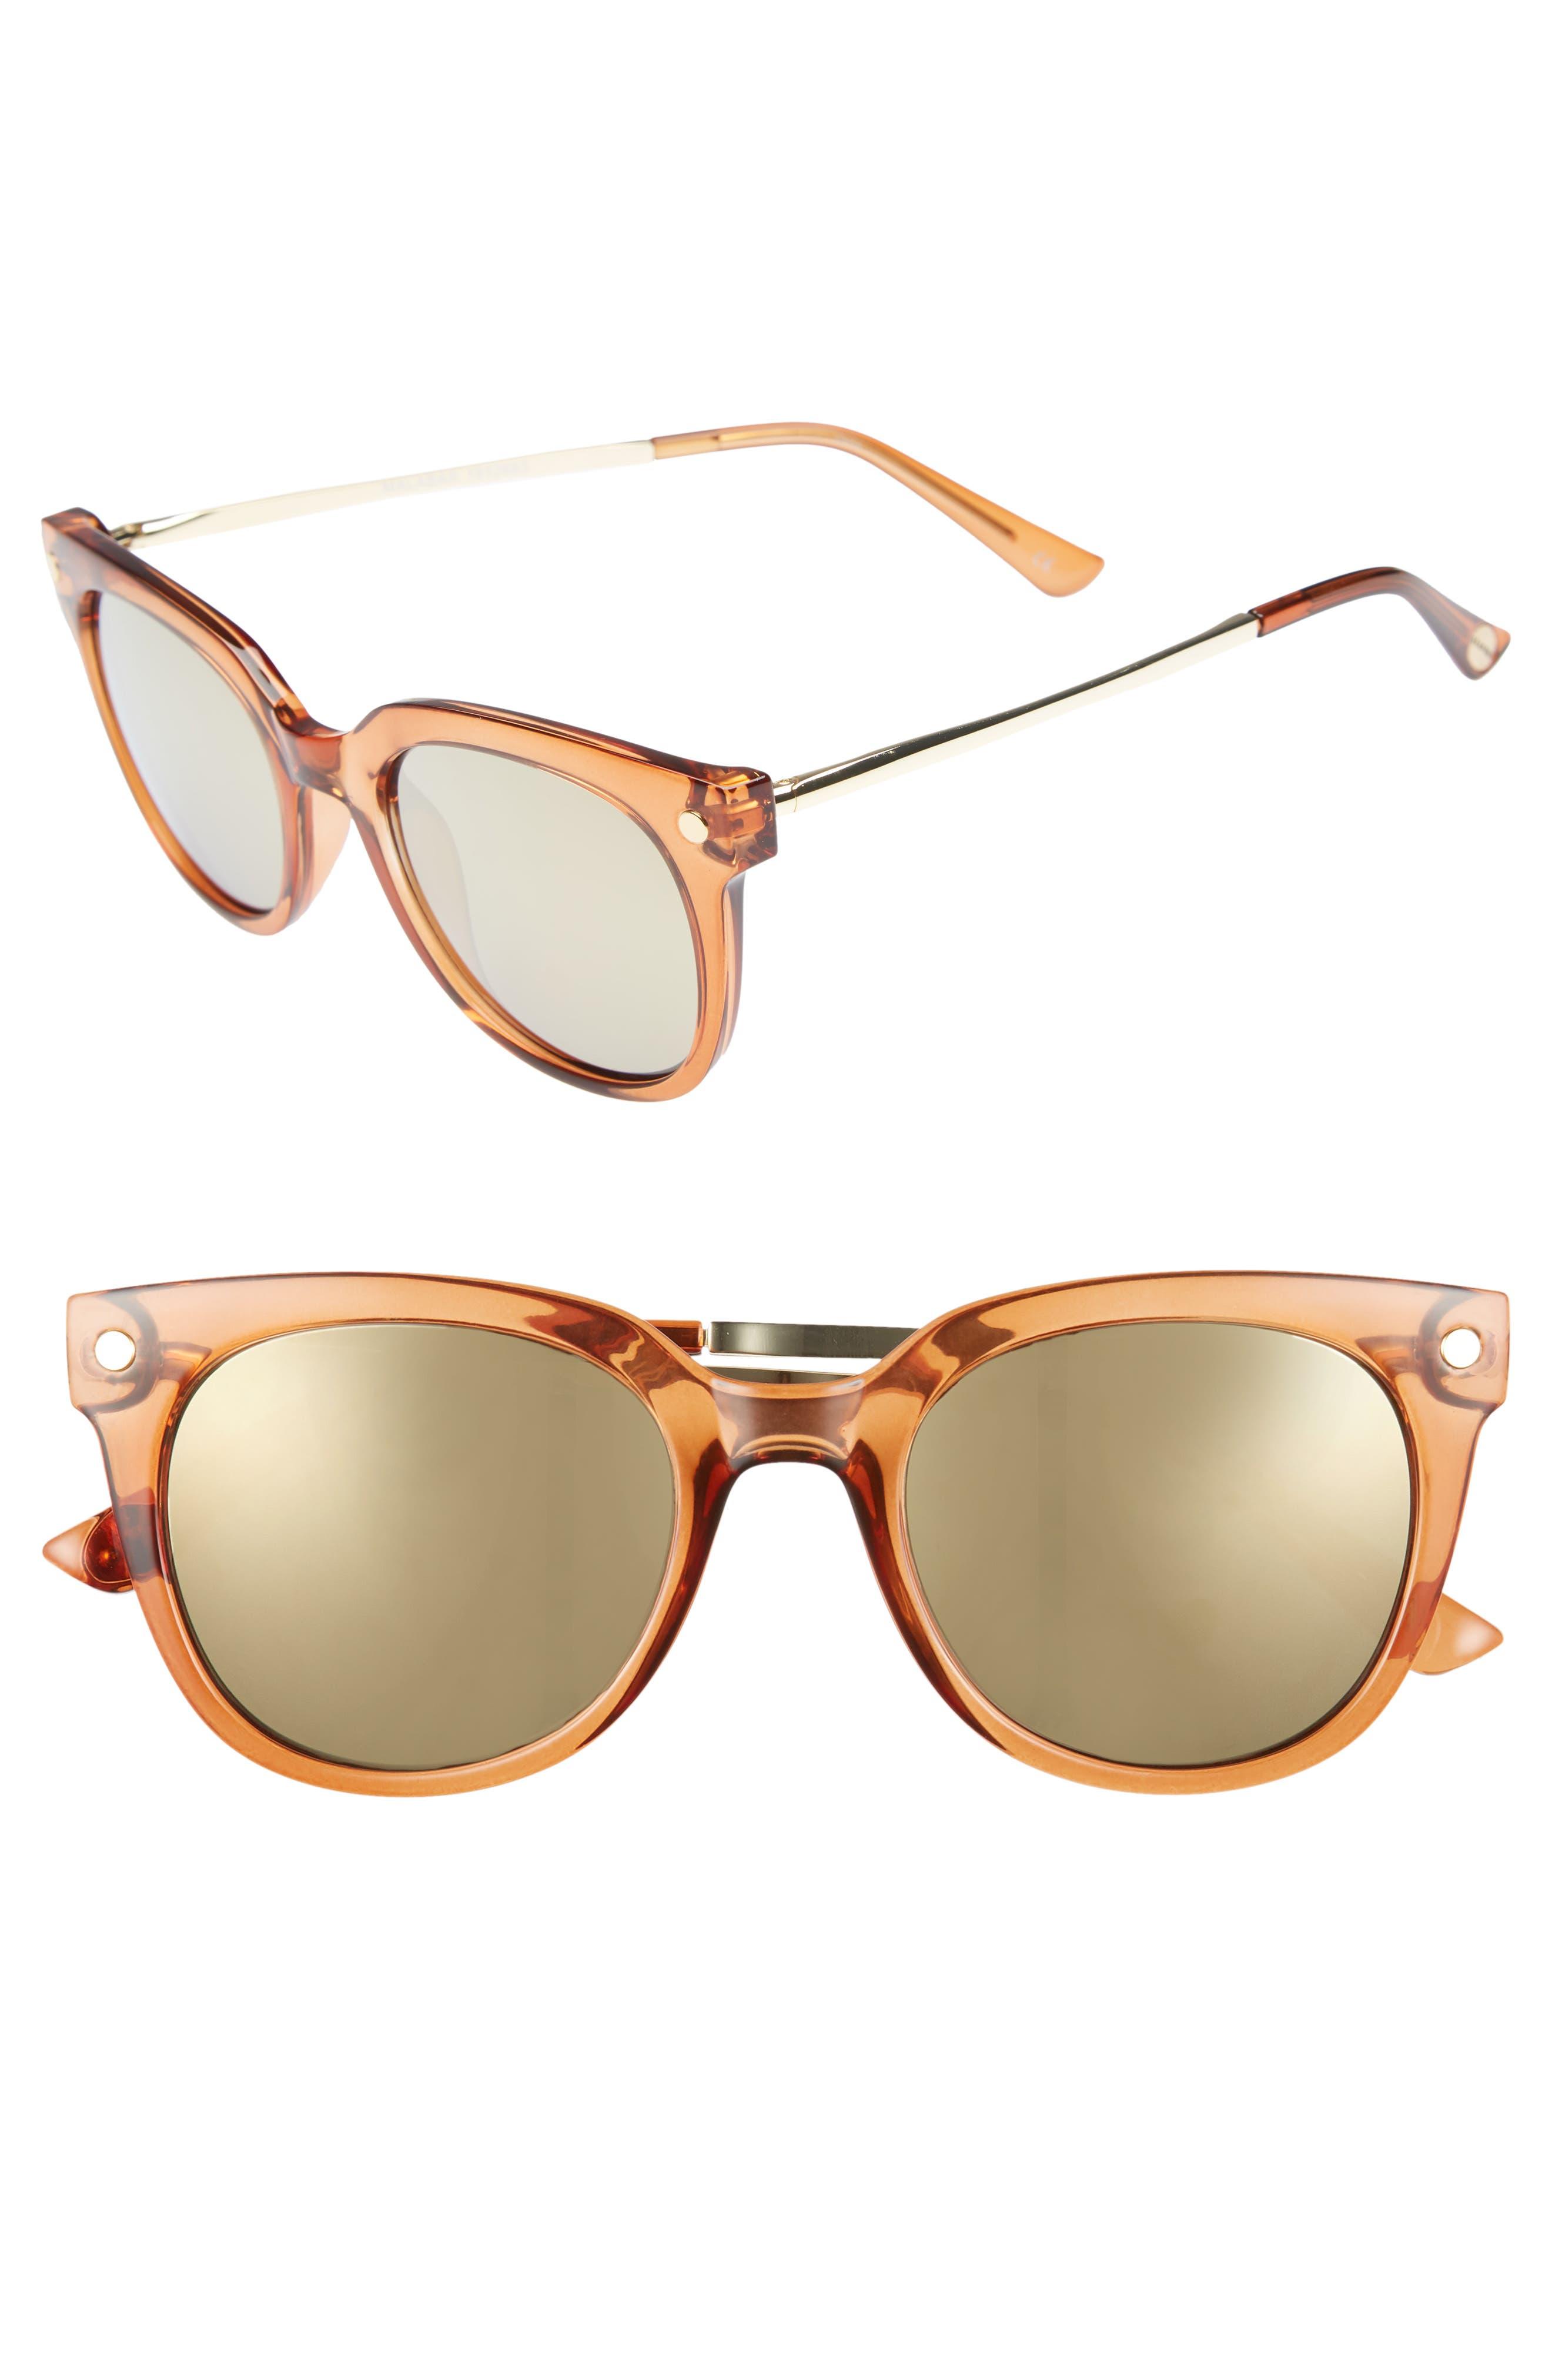 Seafolly Malabar 52mm Sunglasses